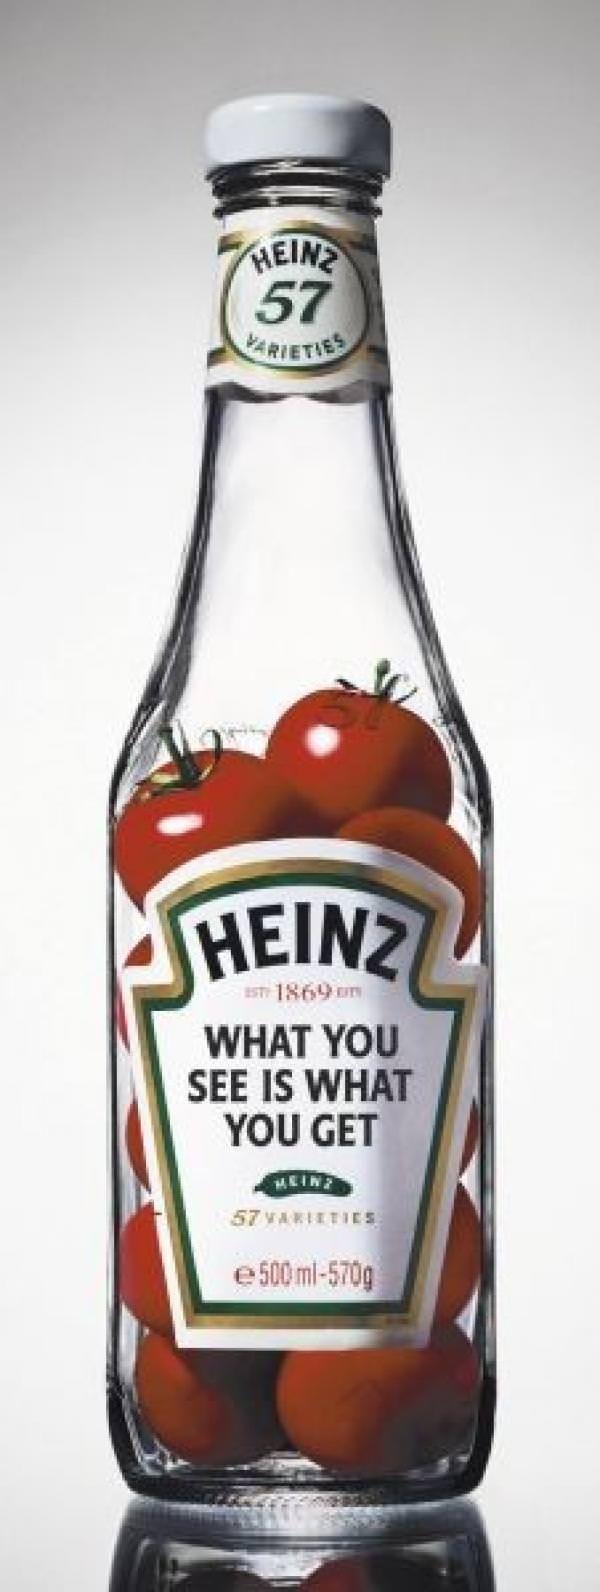 Heinz, le sang de nos enfants | http://blog.shanegraphique.com/les-sauces-heinz/